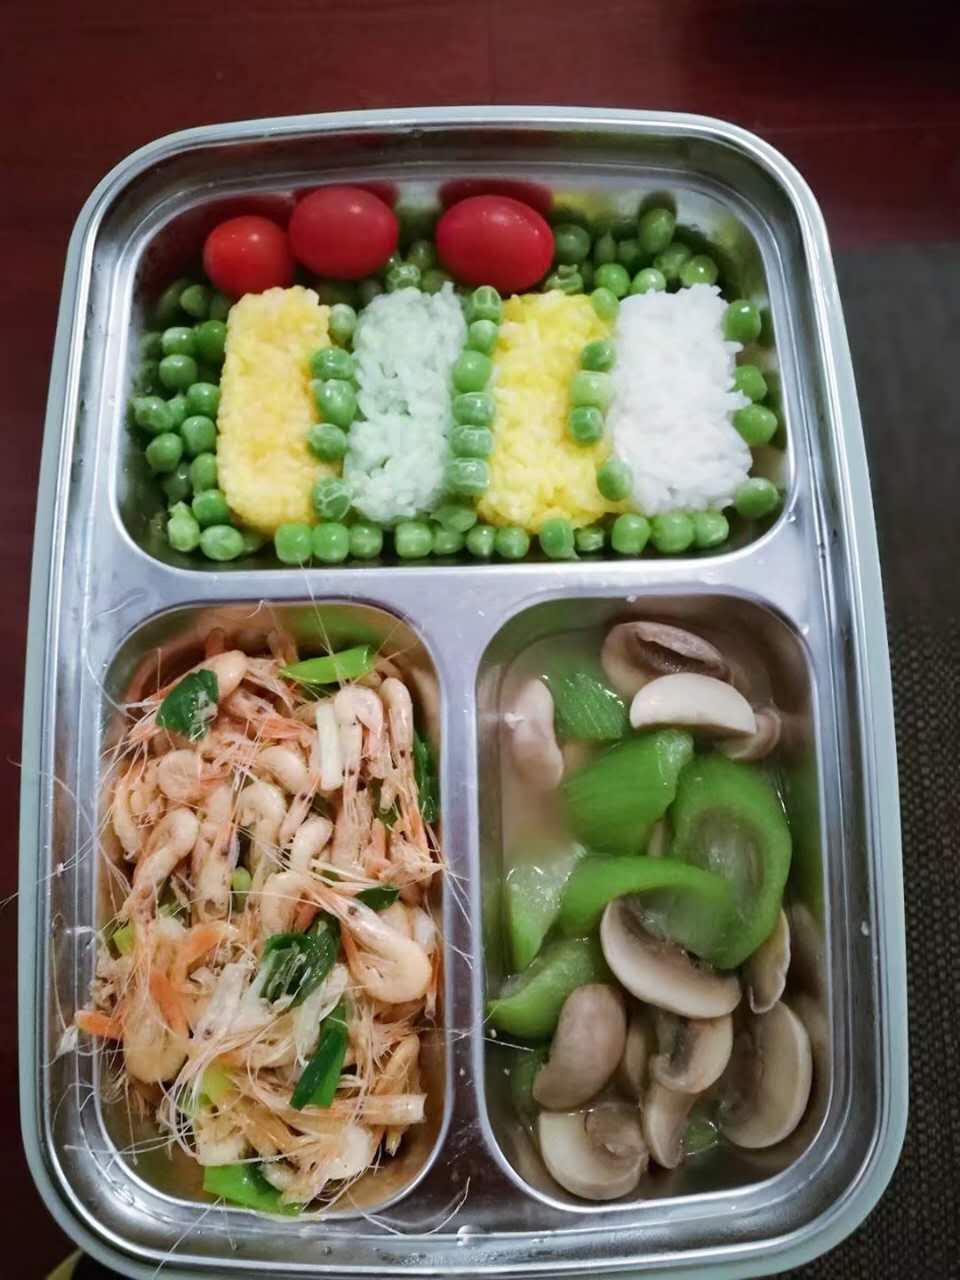 营养配餐怎么配 营养配餐 第3张